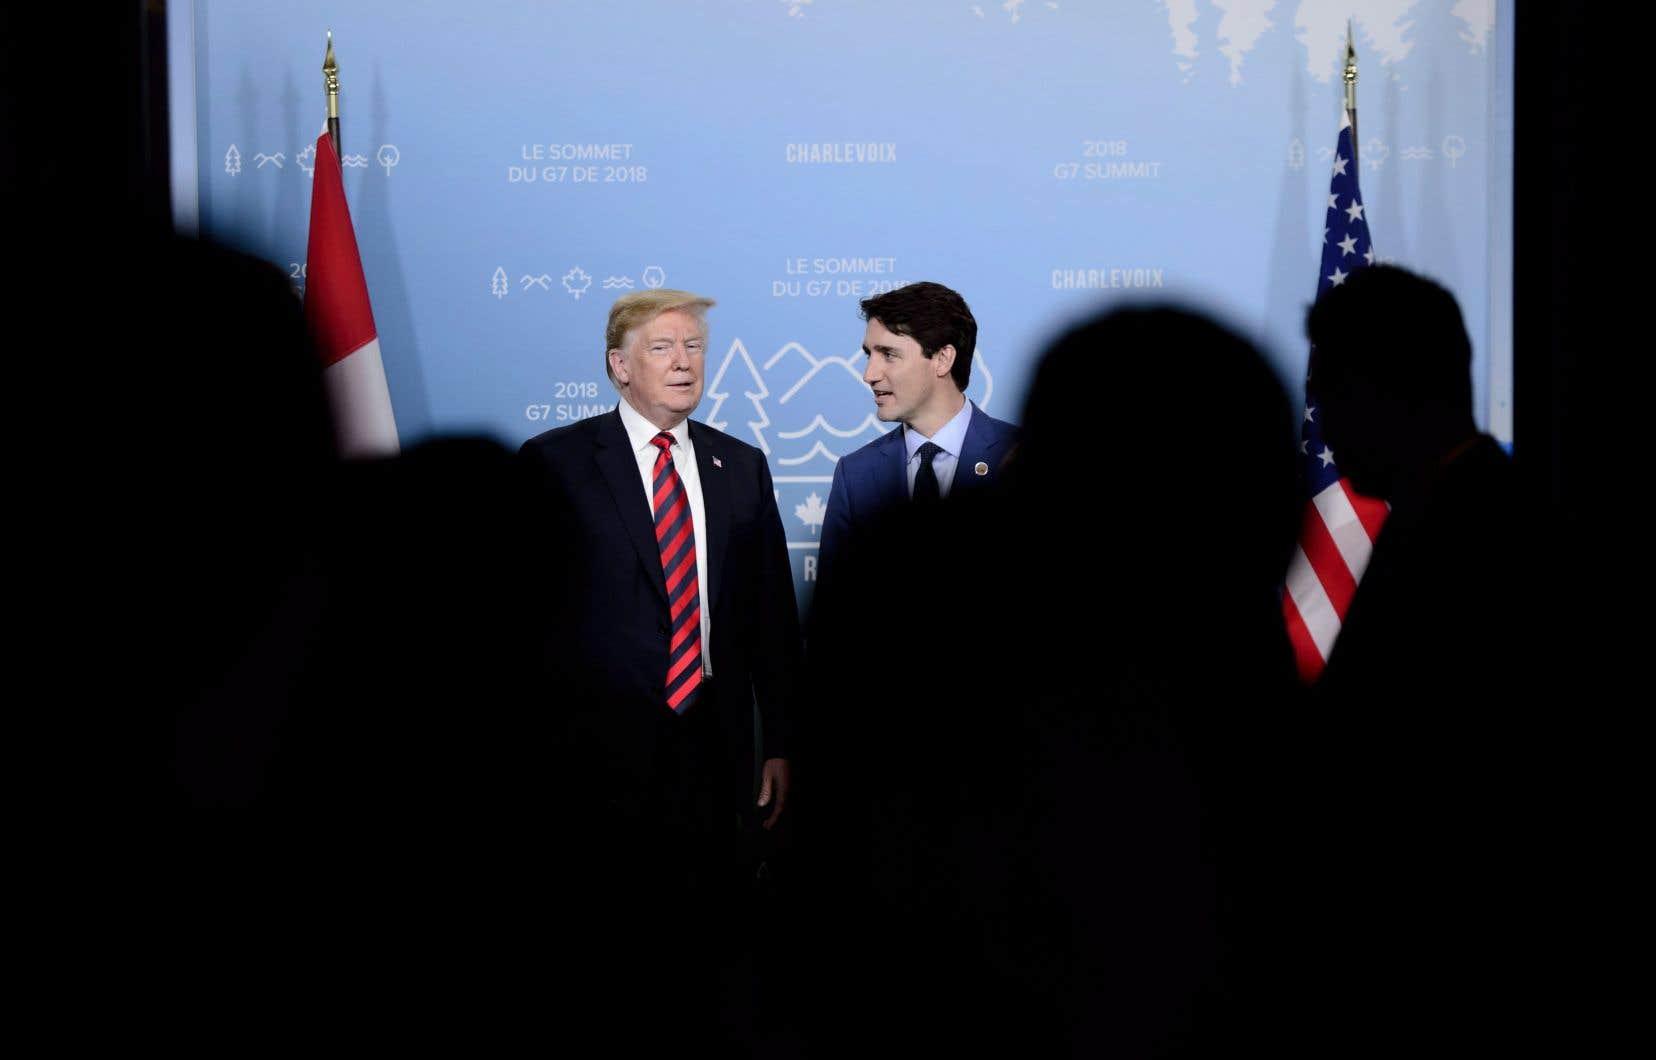 Le premier ministre canadien, Justin Trudeau, et le président américain, Donald Trump, se sont rencontrés durant le sommet du G7.